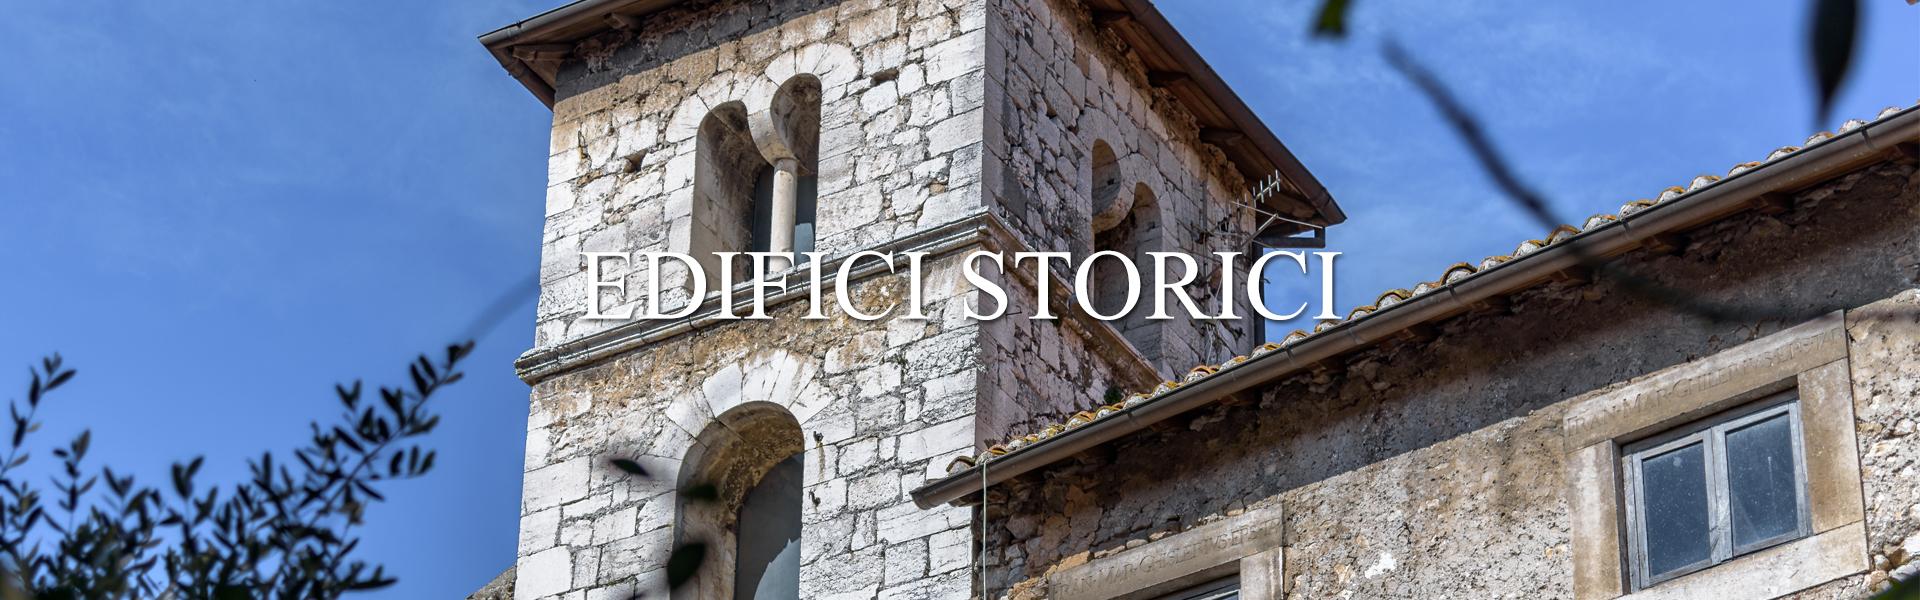 sezze-cultura-edifici-storici-cop-1920x600